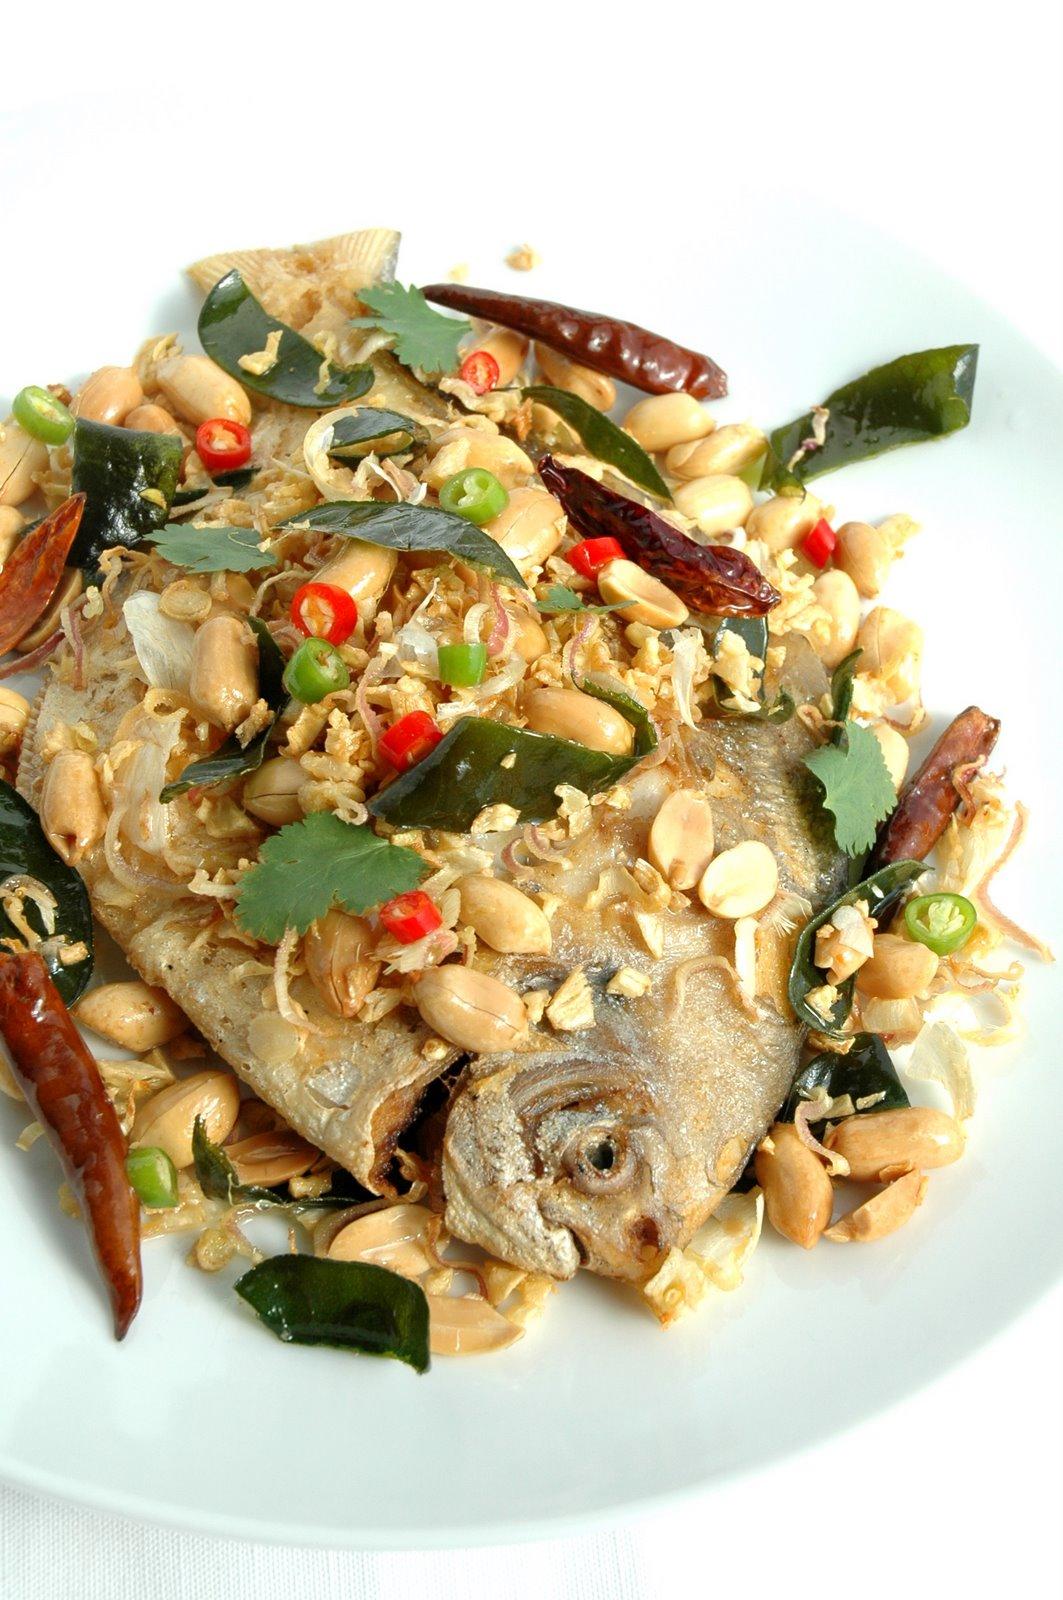 Bonbini Eat Whole Fish